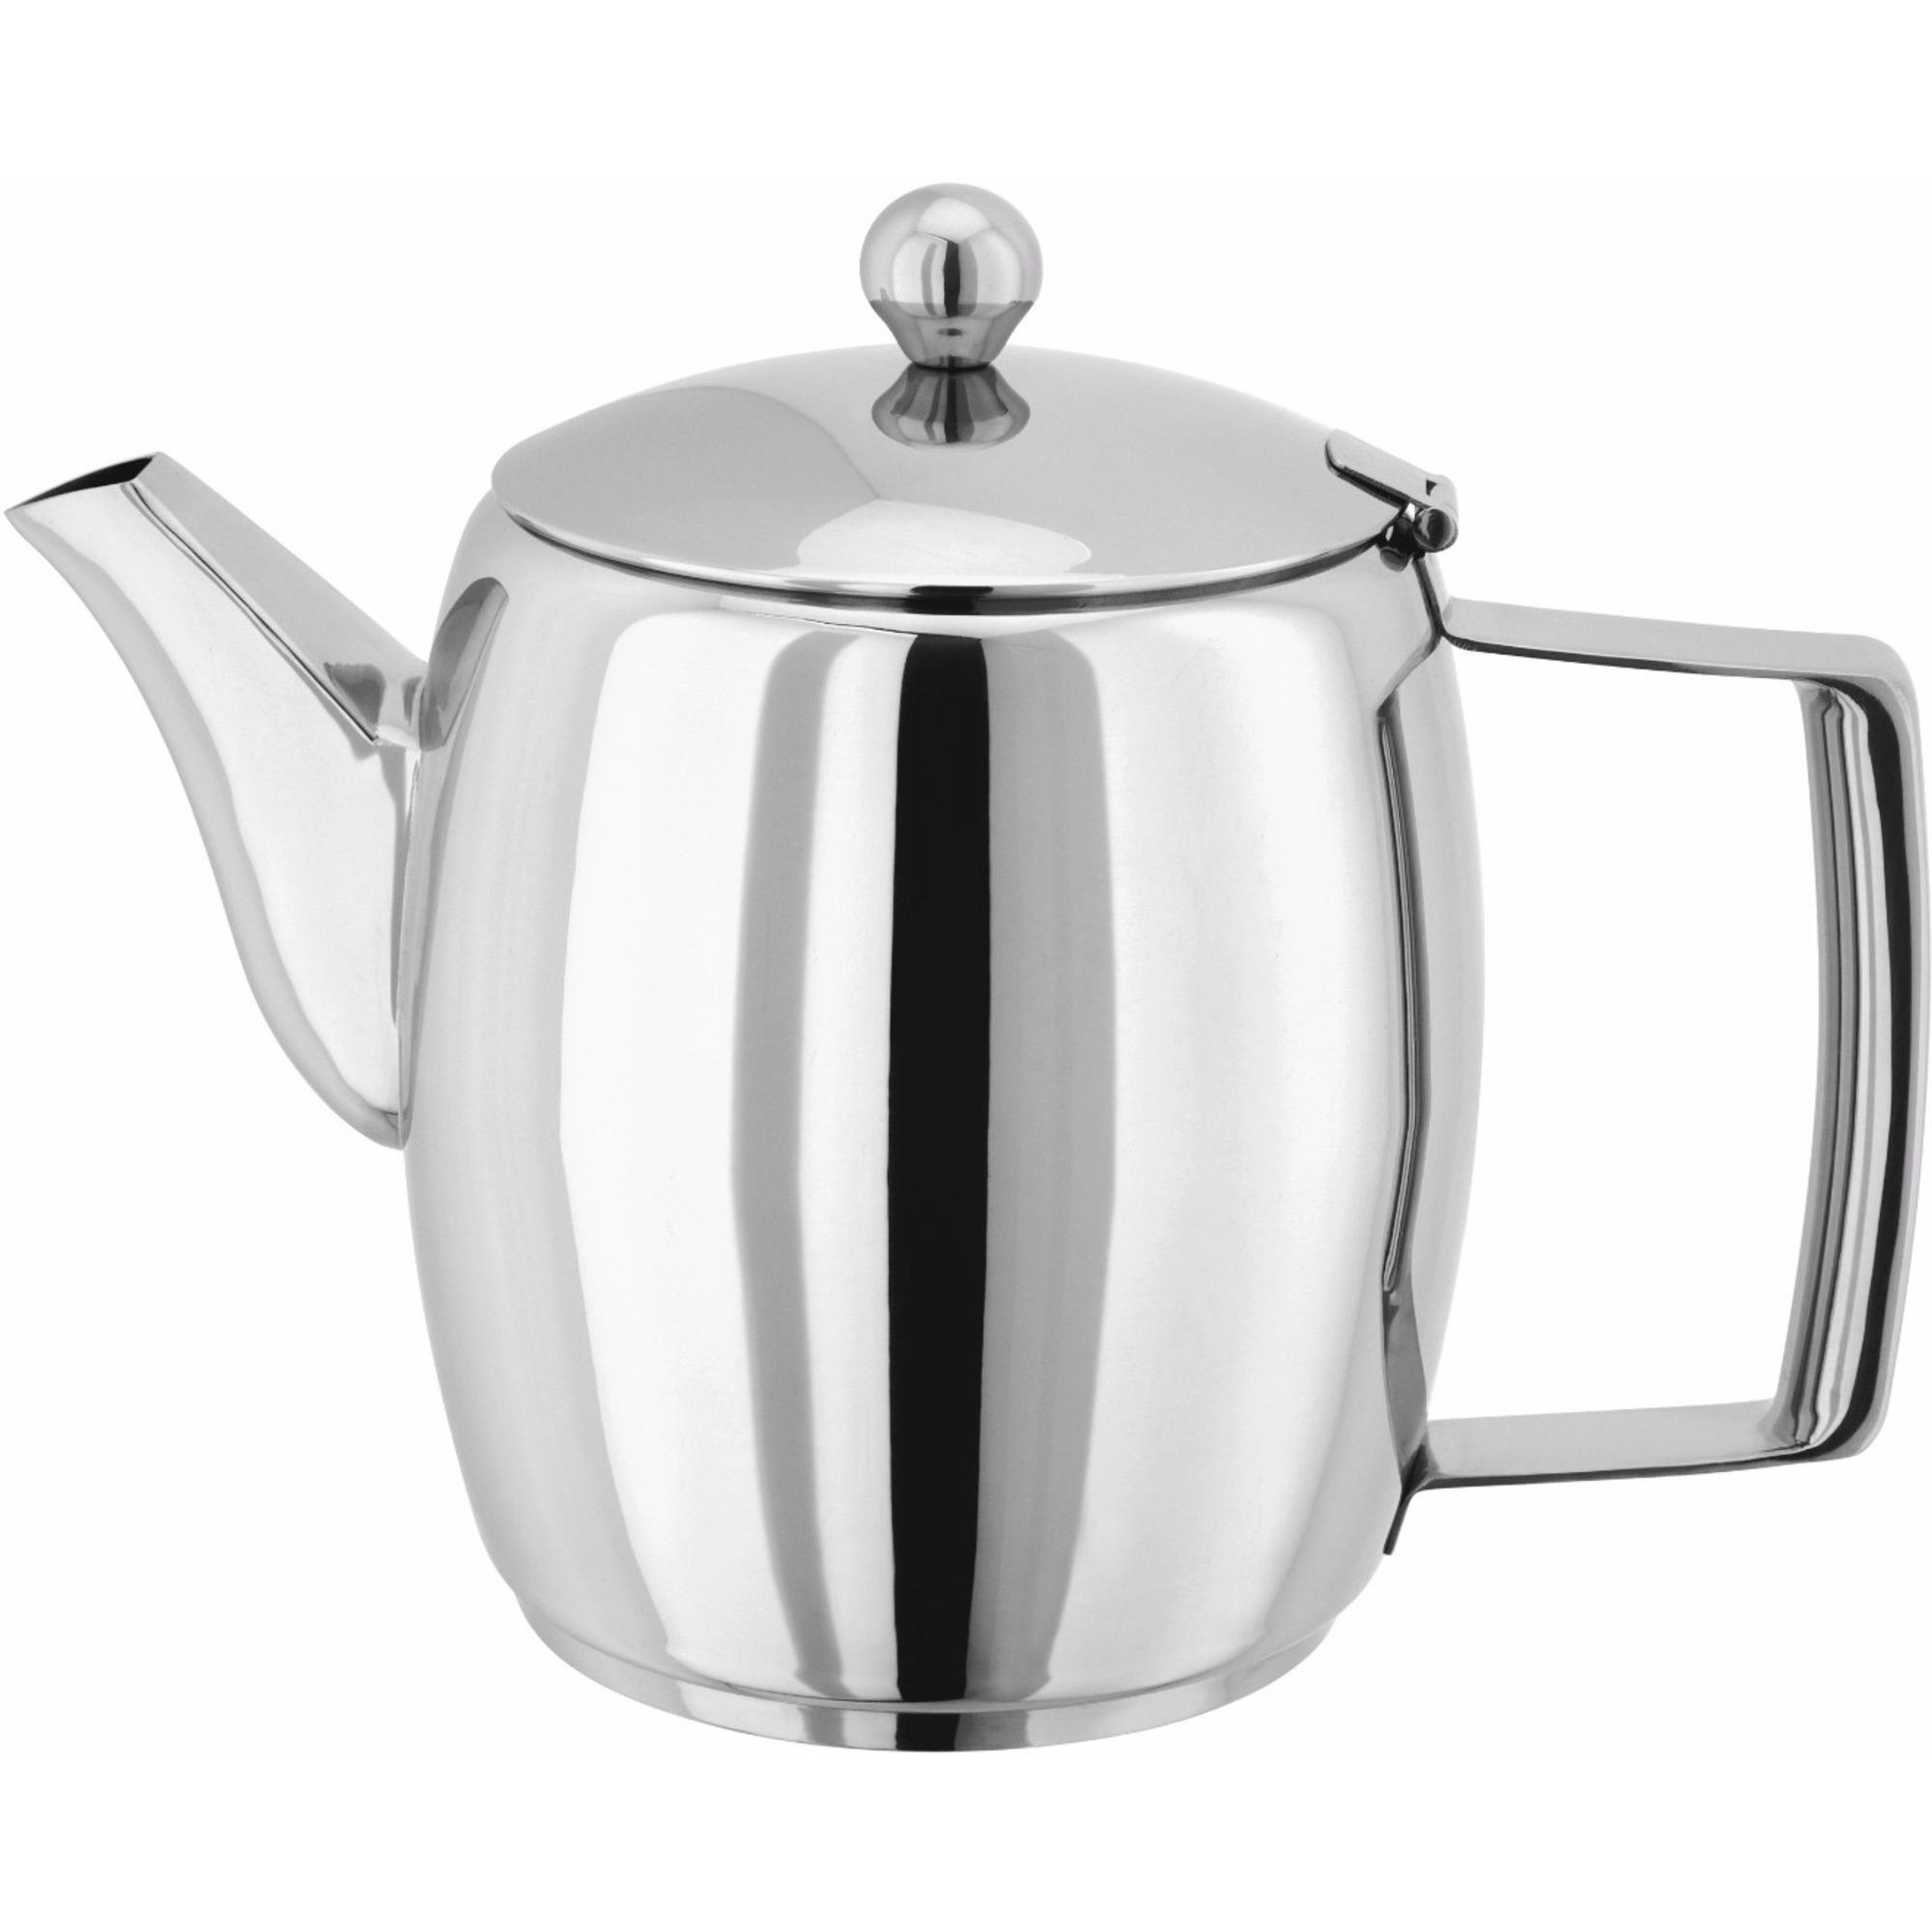 Horwood Teapot 2L 10 cup Hob Top